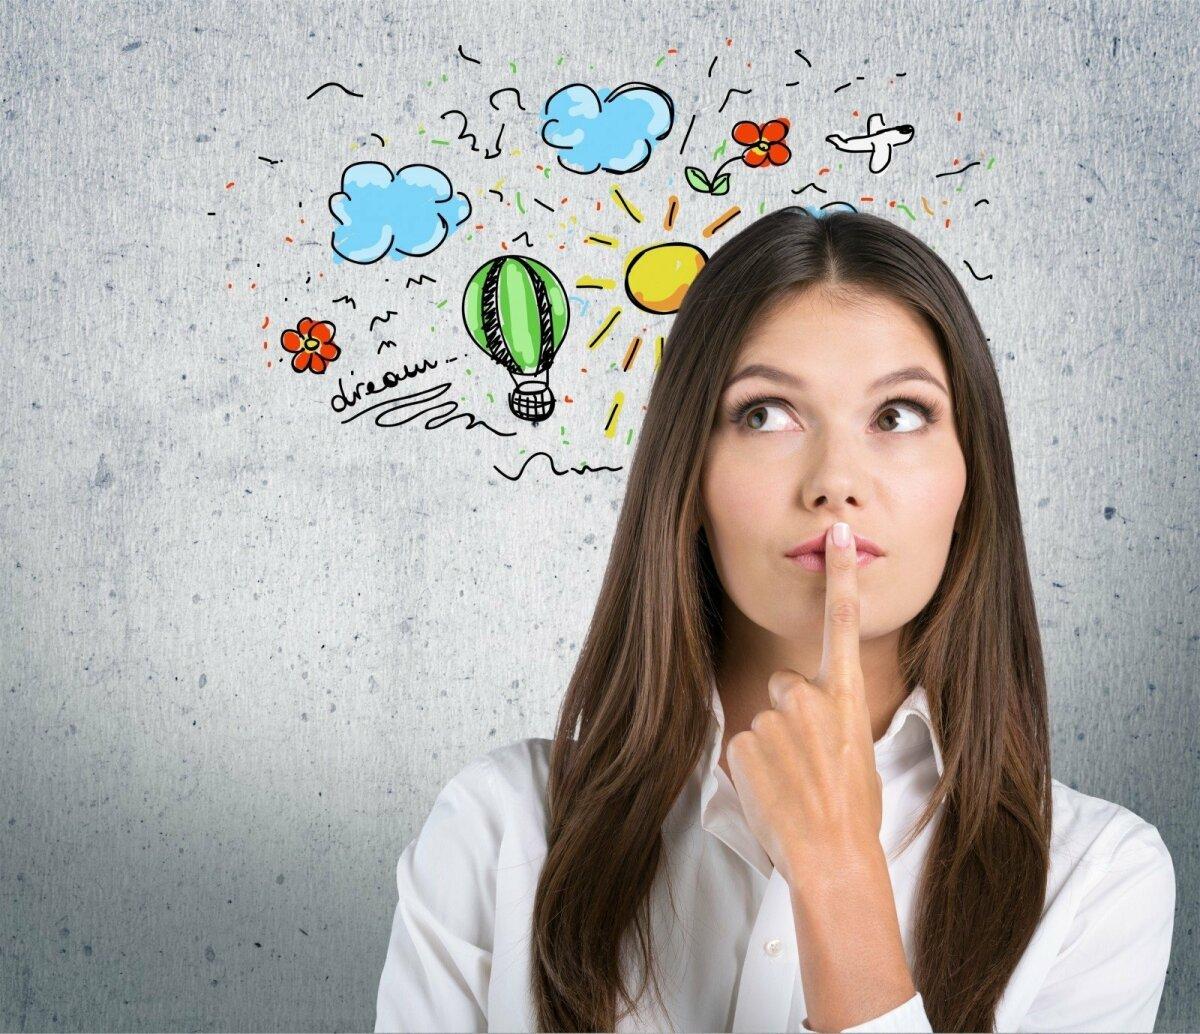 Онлайн-лекция «Эмоциональный интеллект. Как навыки будущего помогают преодолеть страхи настоящего»